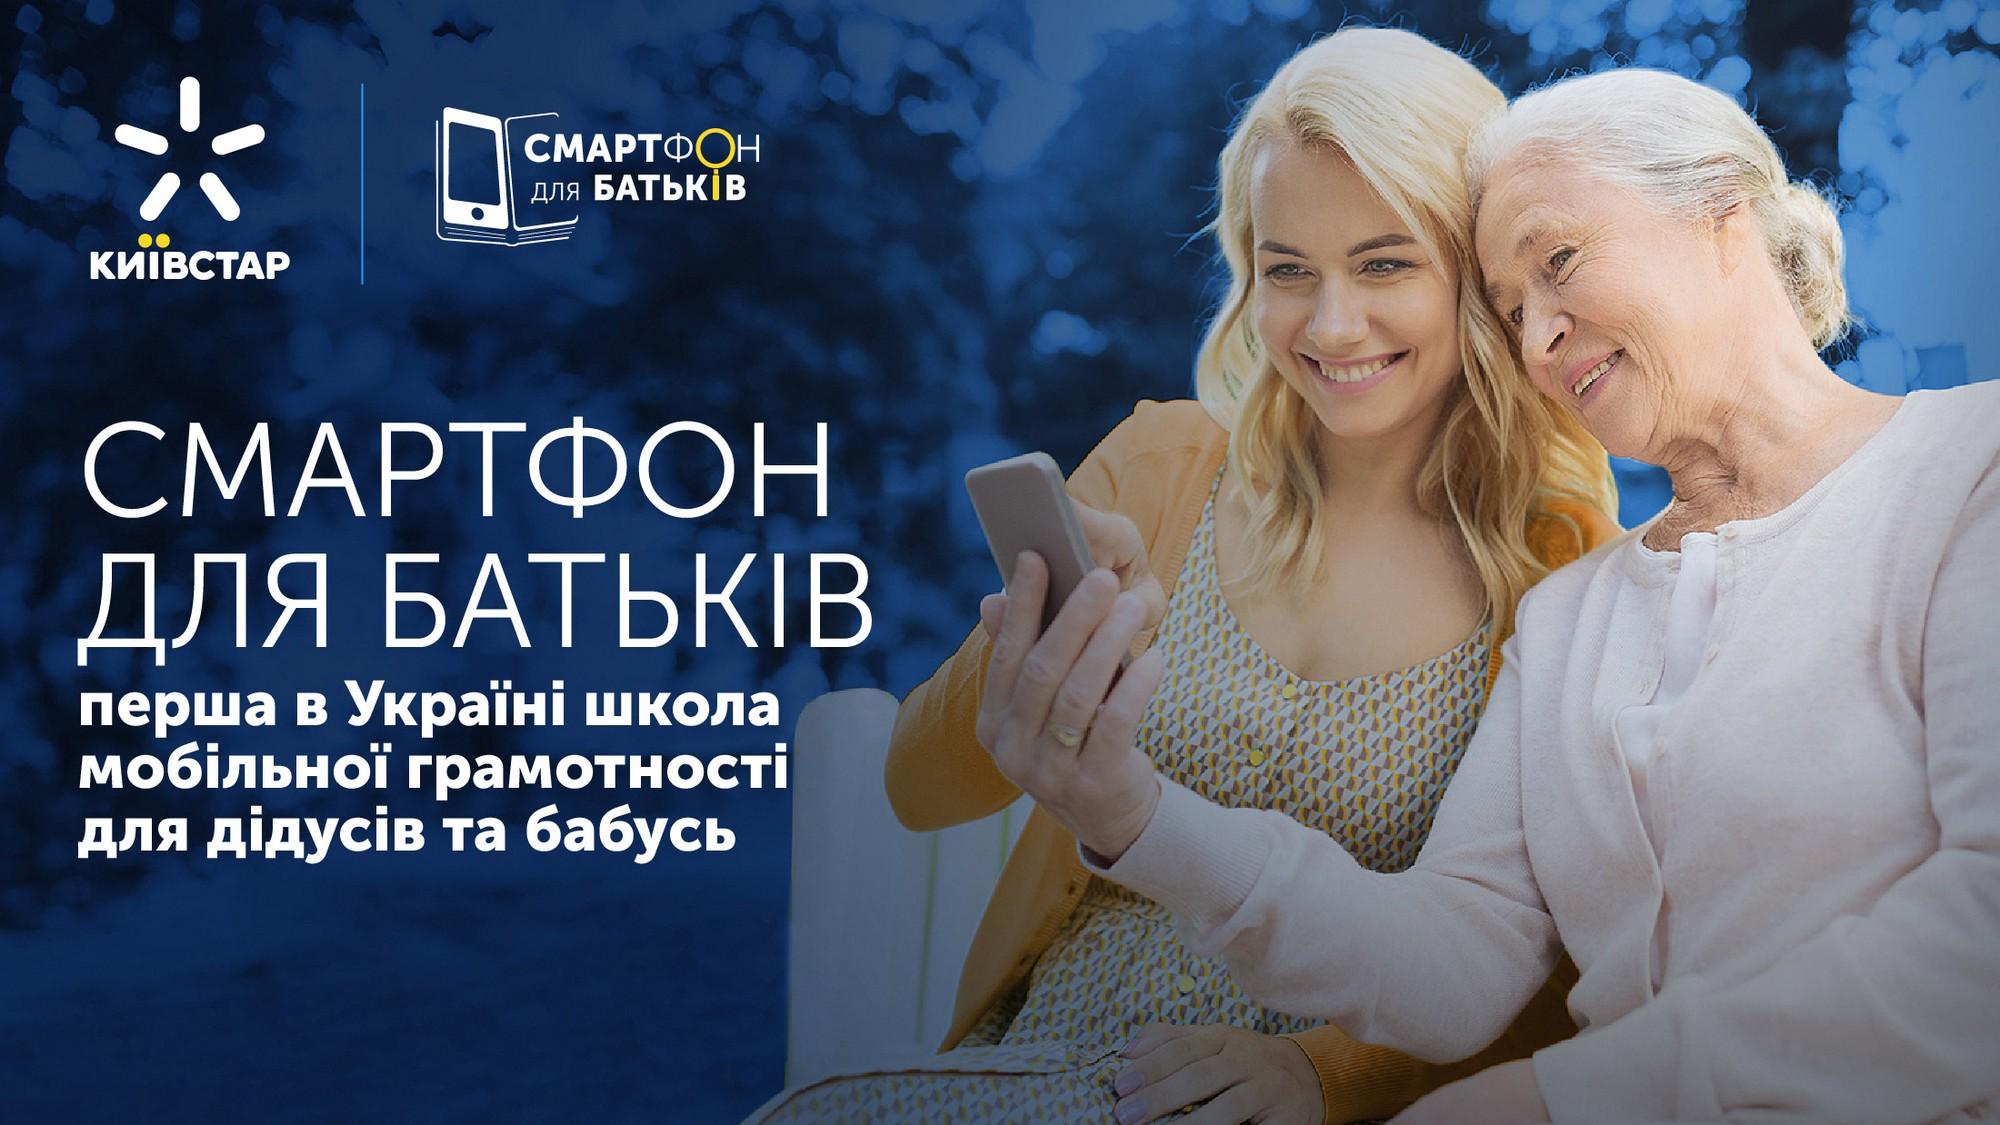 """""""Киевстар"""" выпустил новый сезон курса по мобильной грамотности «Смартфон для родителей» - ITC.ua"""